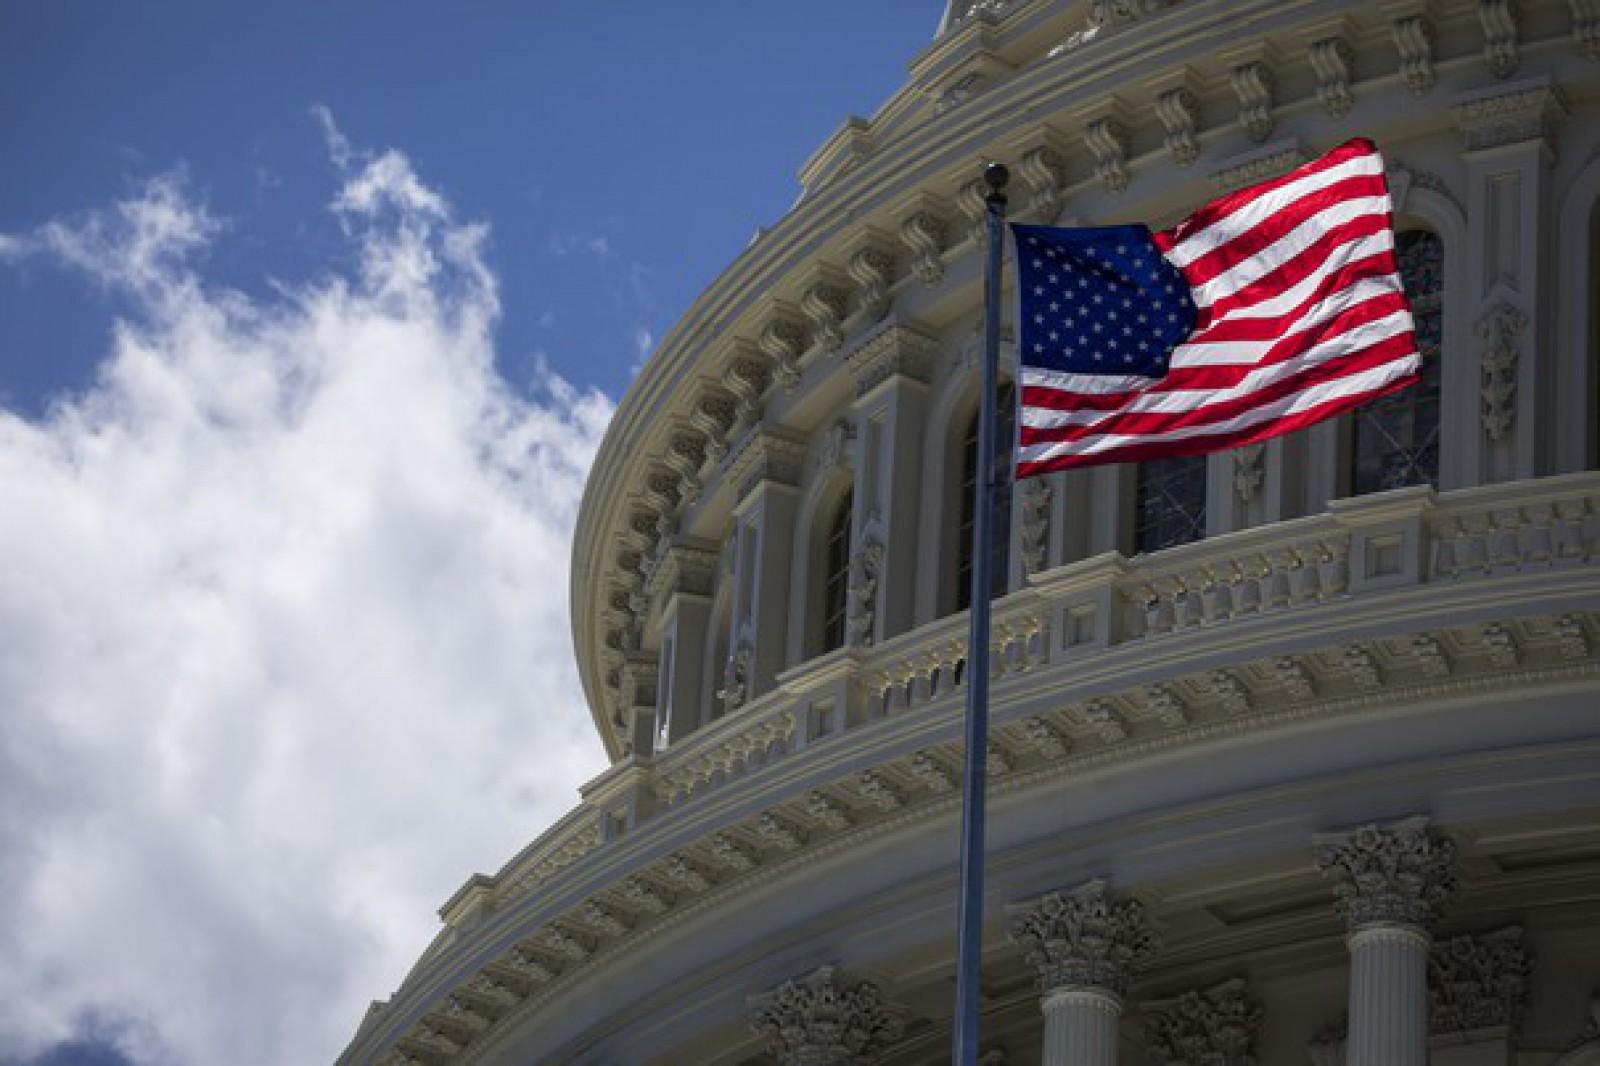 Guvernul Statelor Unite a intrat în blocaj. Mai multe agenţii federale vor fi închise, iar sute de mii de angajaţi din administraţie vor fi afectaţi